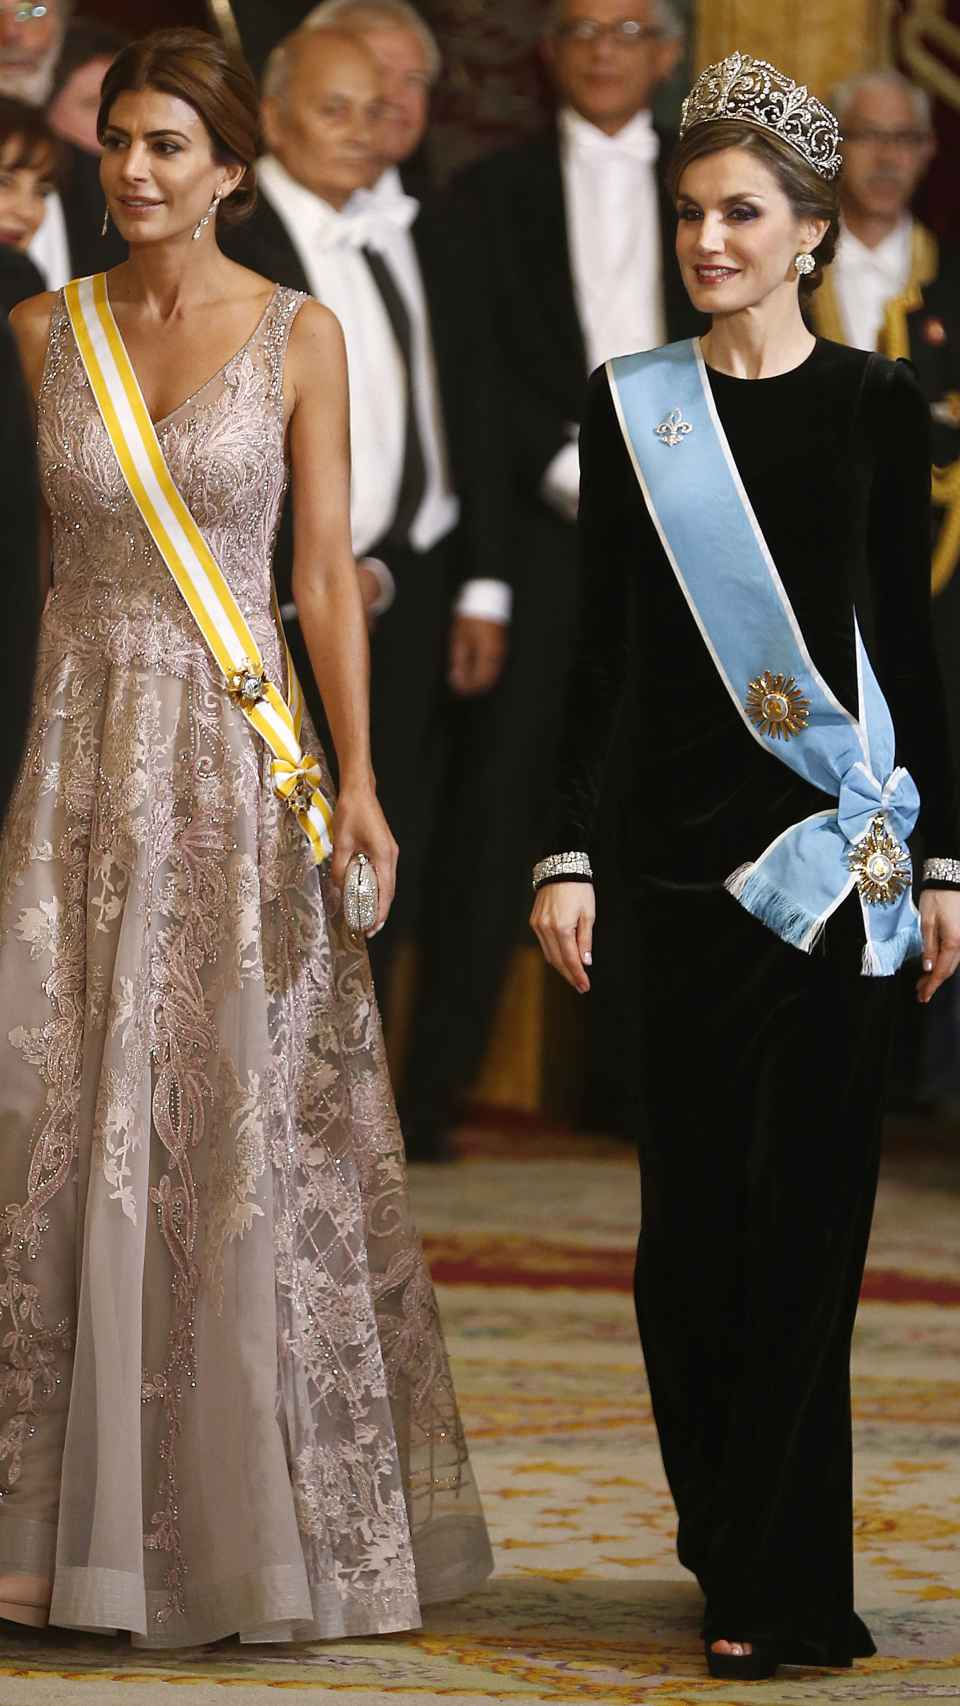 La reina Letizia junto a la exprimera dama de Argentina, Juliana Awada, en febrero de 2017.